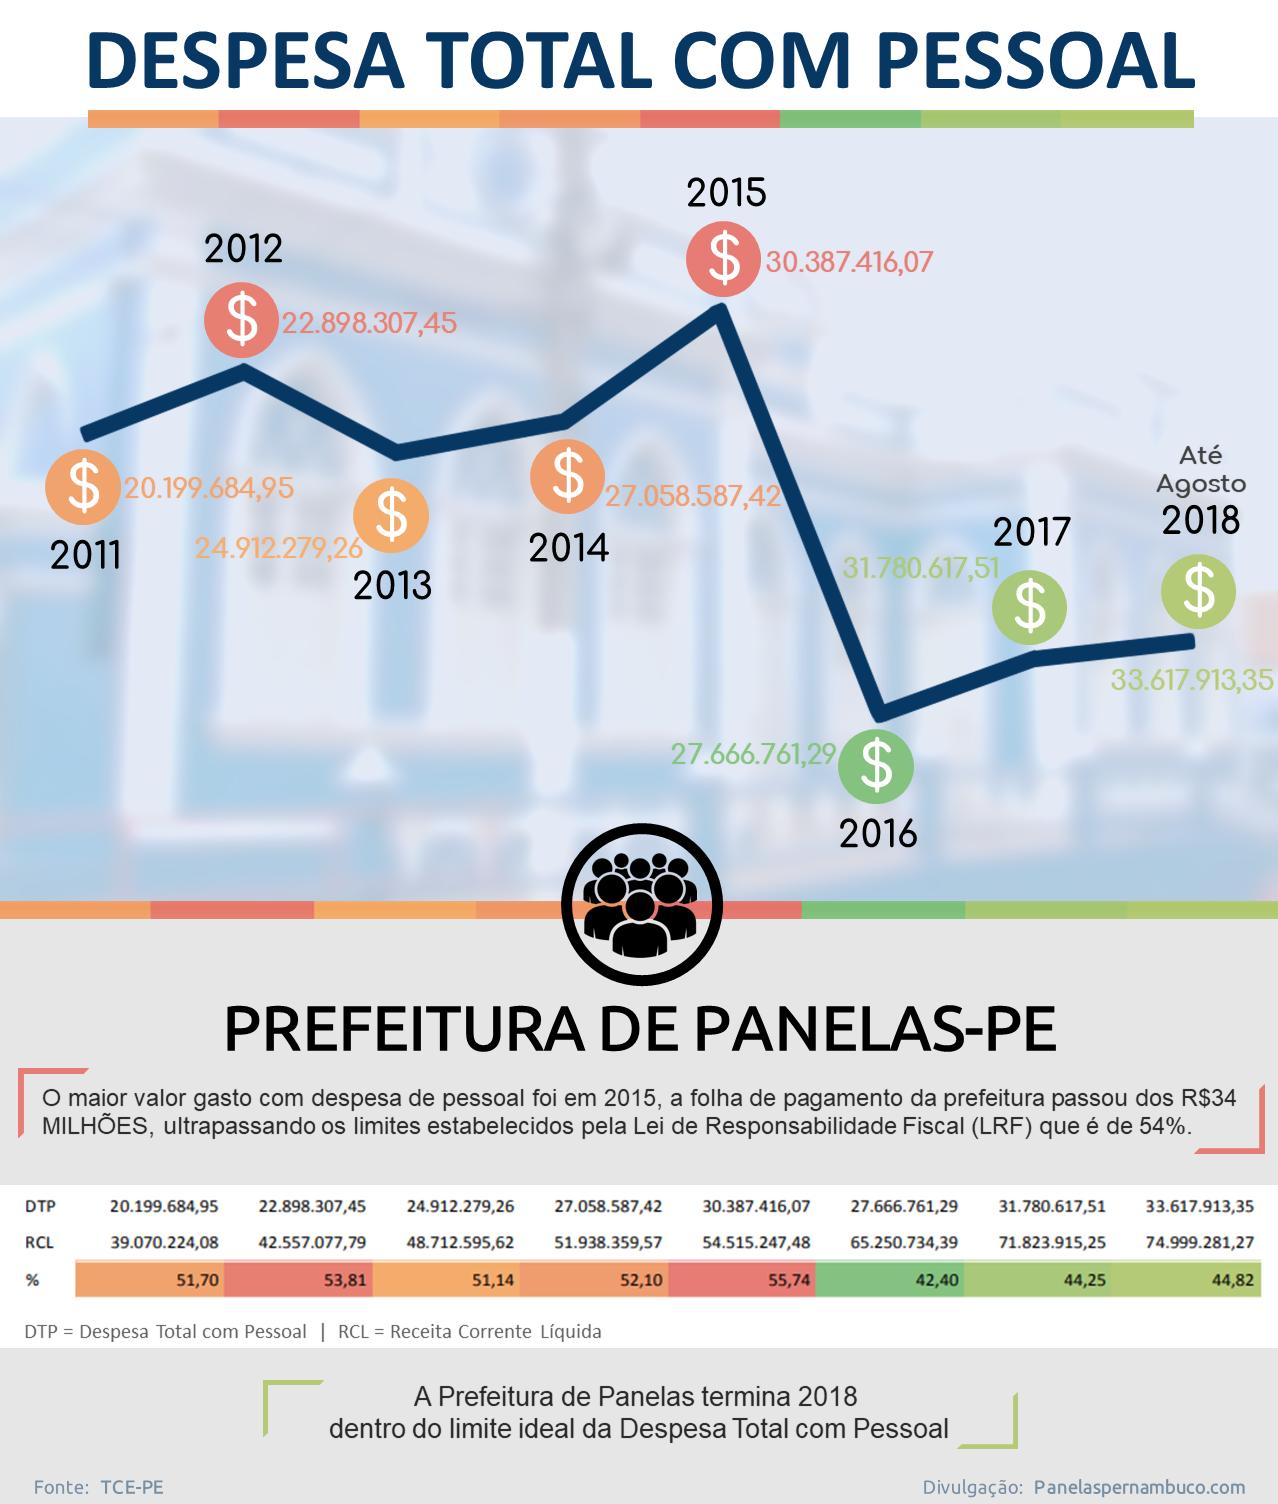 Evolução da Despesa Total com Pessoal da Prefeitura de Panelas-PE